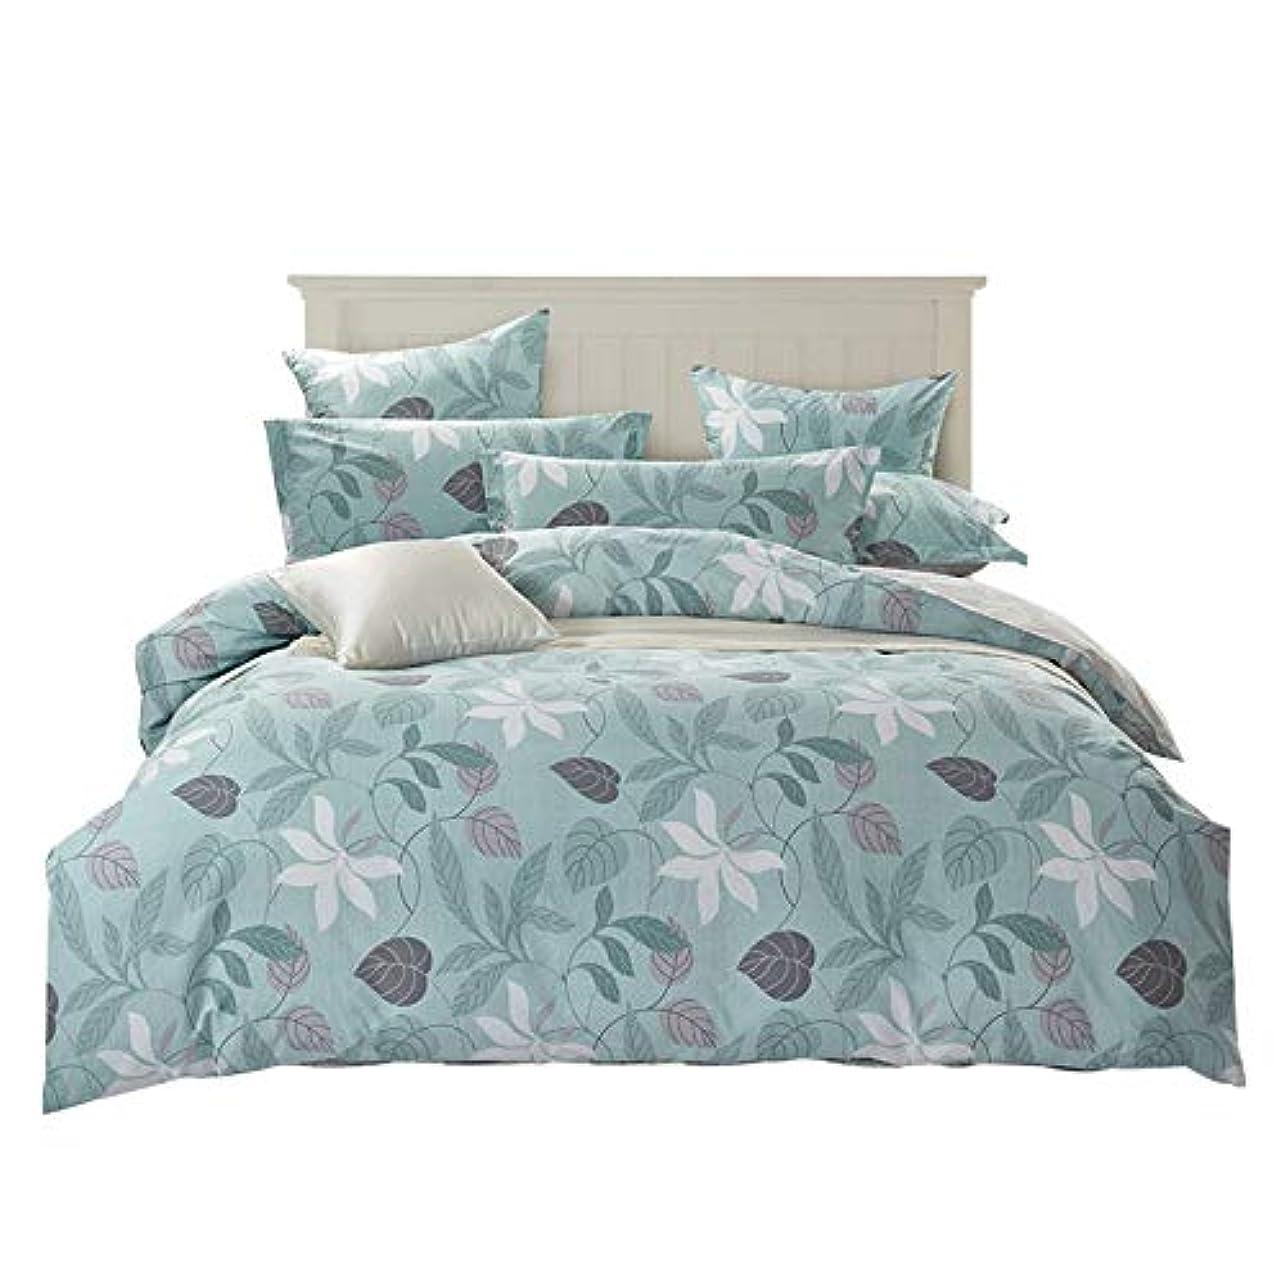 工夫する論理的に致命的田園のベッドの上の用品のメーカーが純綿の小さい清新な製品を直売して4点セットの全綿の横柄をセットするのが好きです